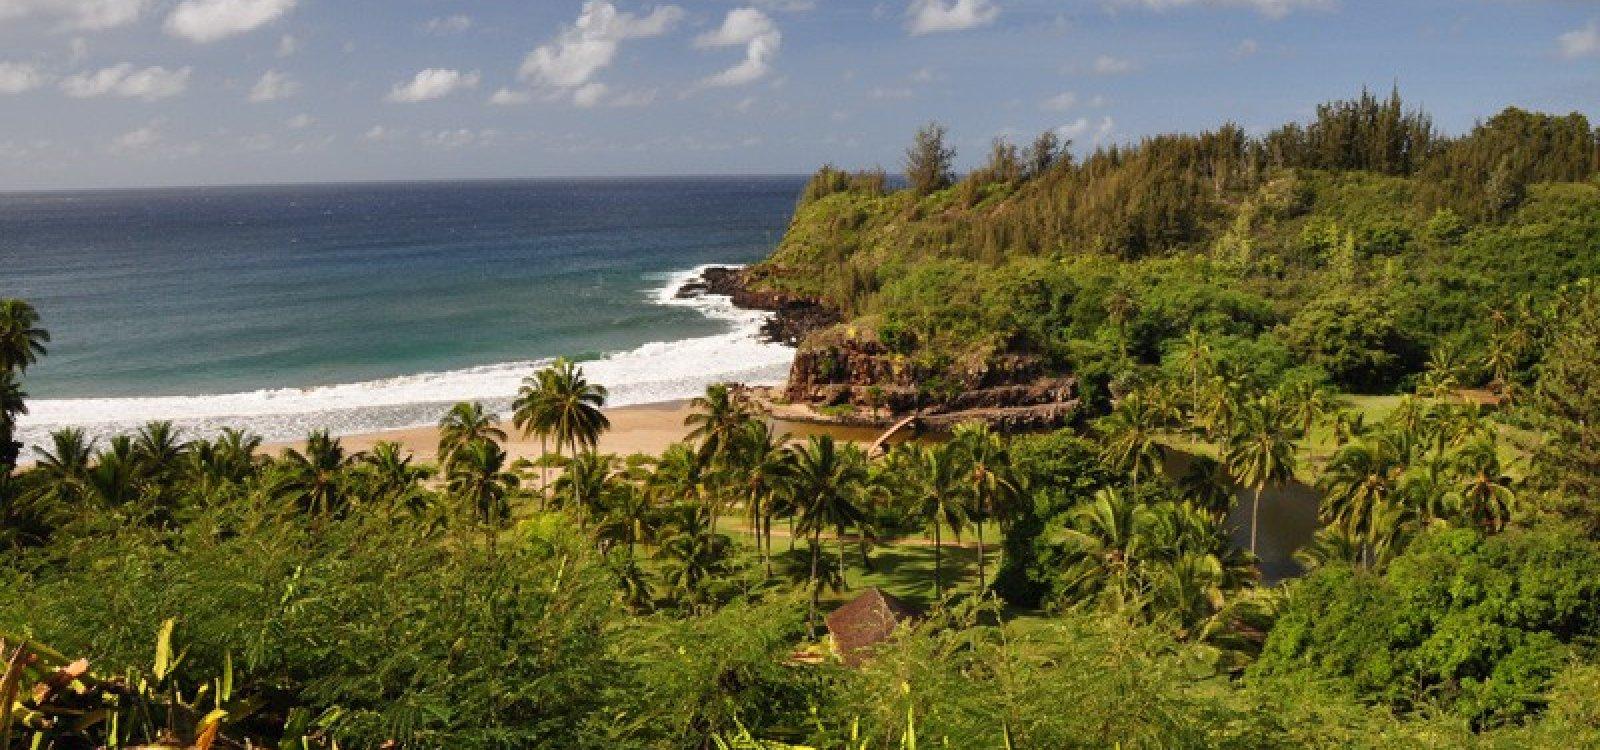 National Tropical Botanical Garden Kauai Hawaii